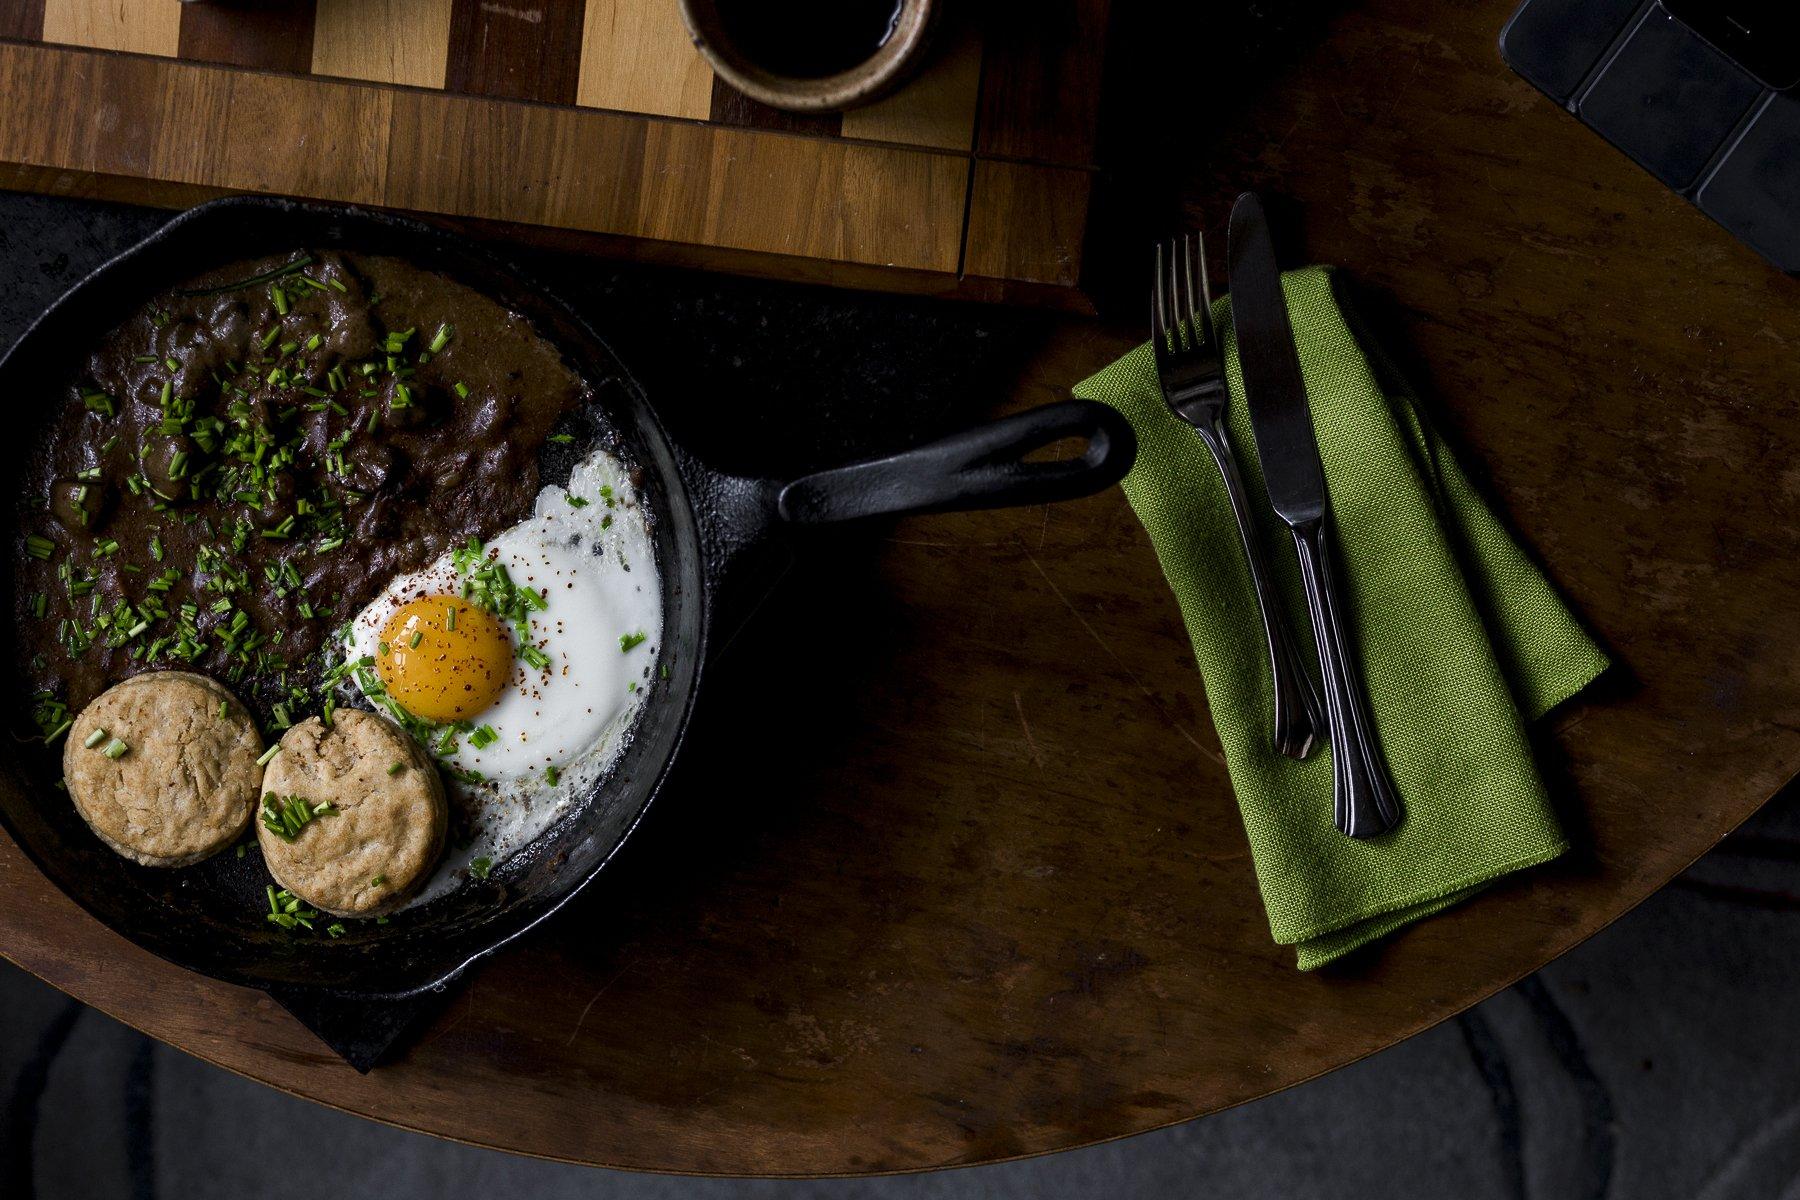 Guinness Irish Stout and Mushroom Gravy